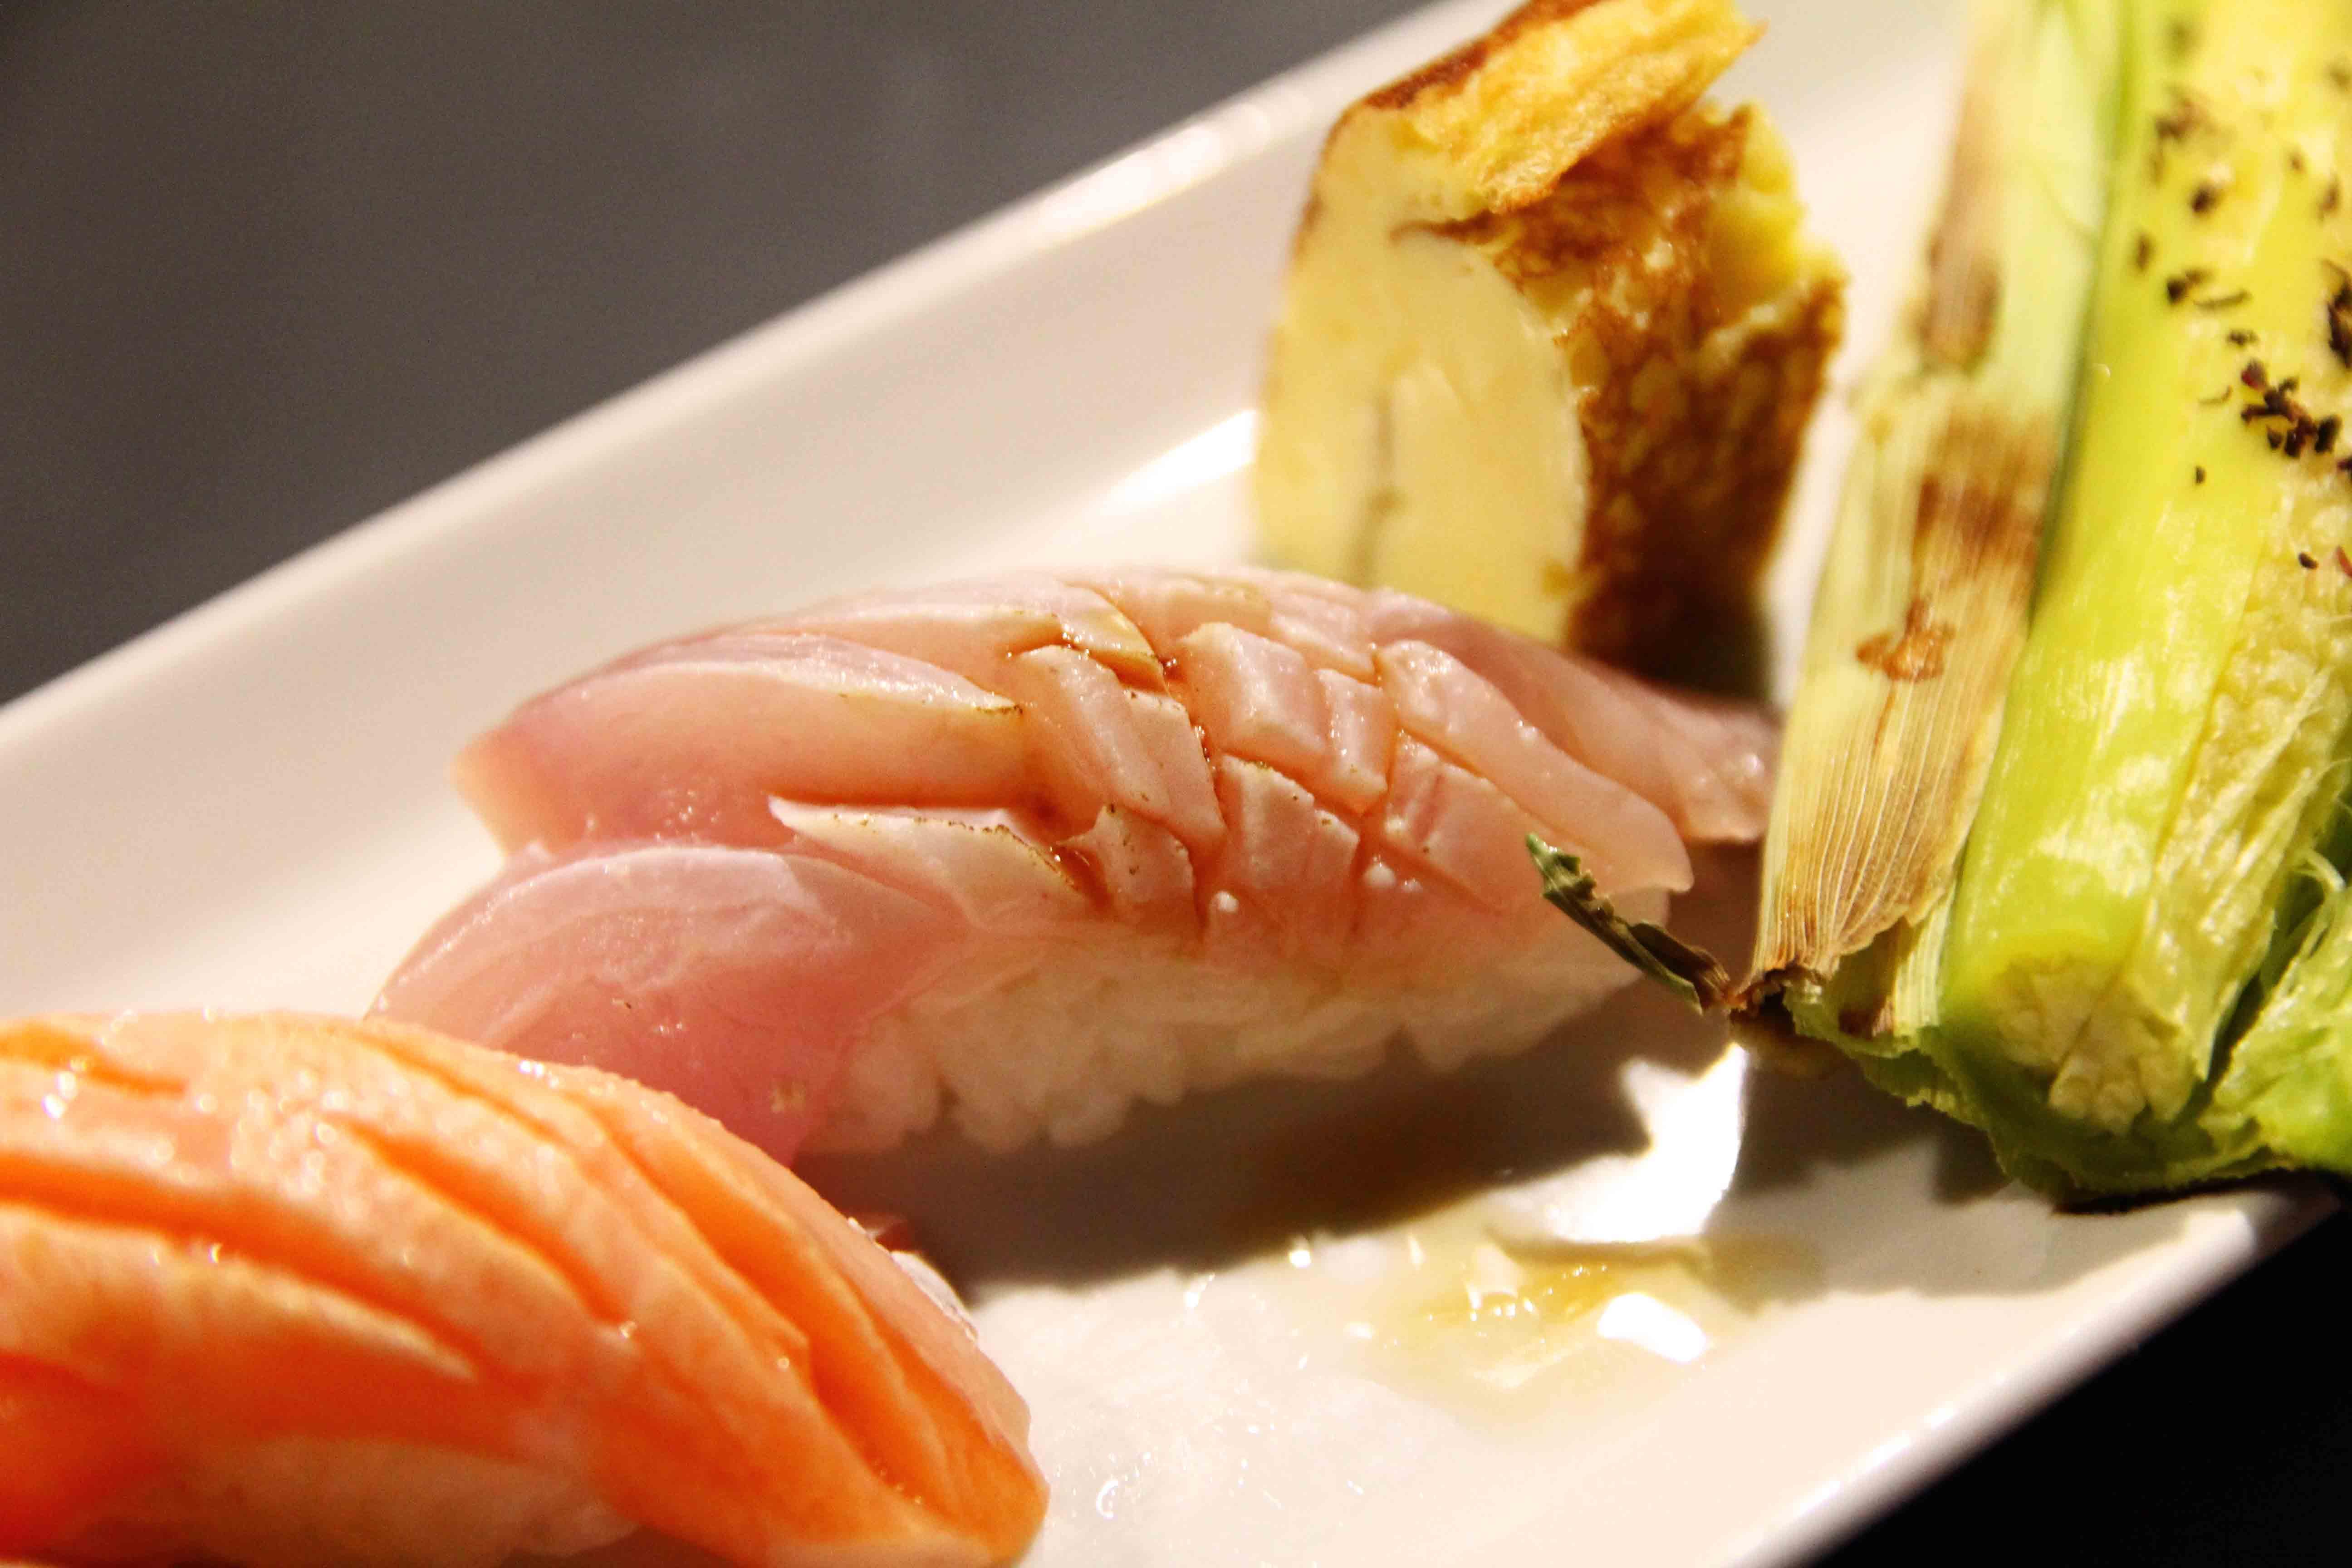 [臺北松山] 漁聞樂 - 名字很逗趣的無菜單日式料理   新樂街口的三角窗